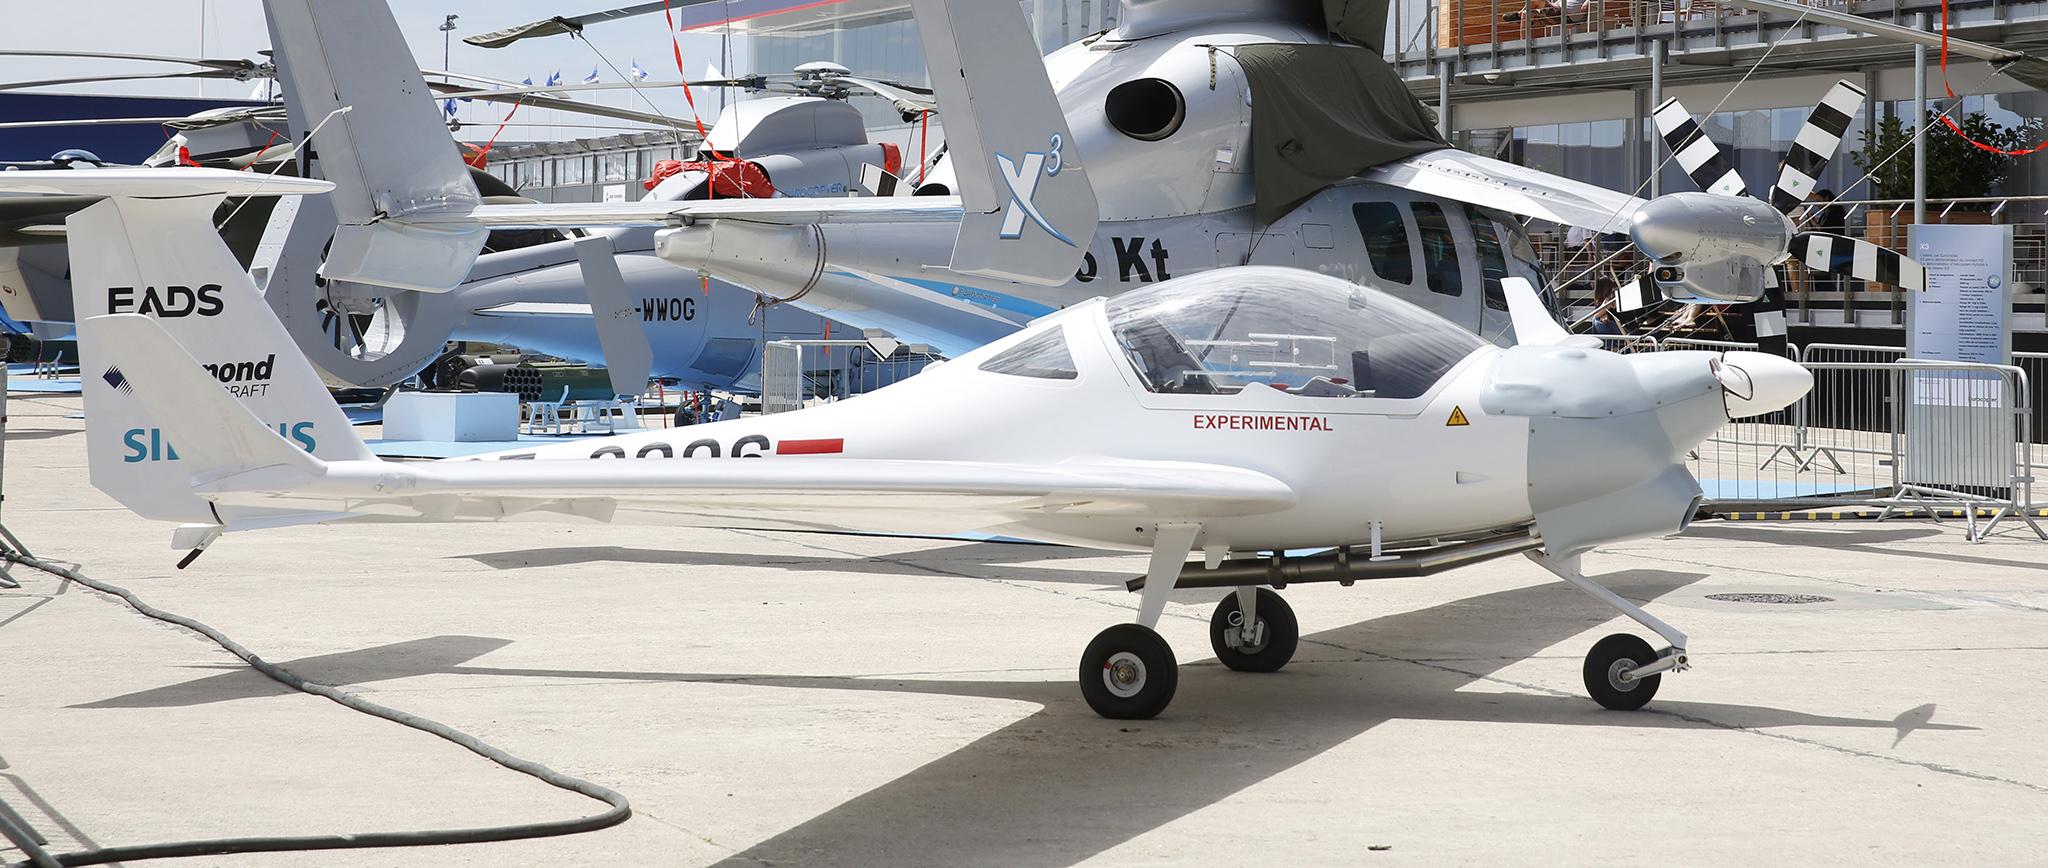 FOTO: Demostrador Diamond Aircraft DA36 E-Star. (AIRBUS)